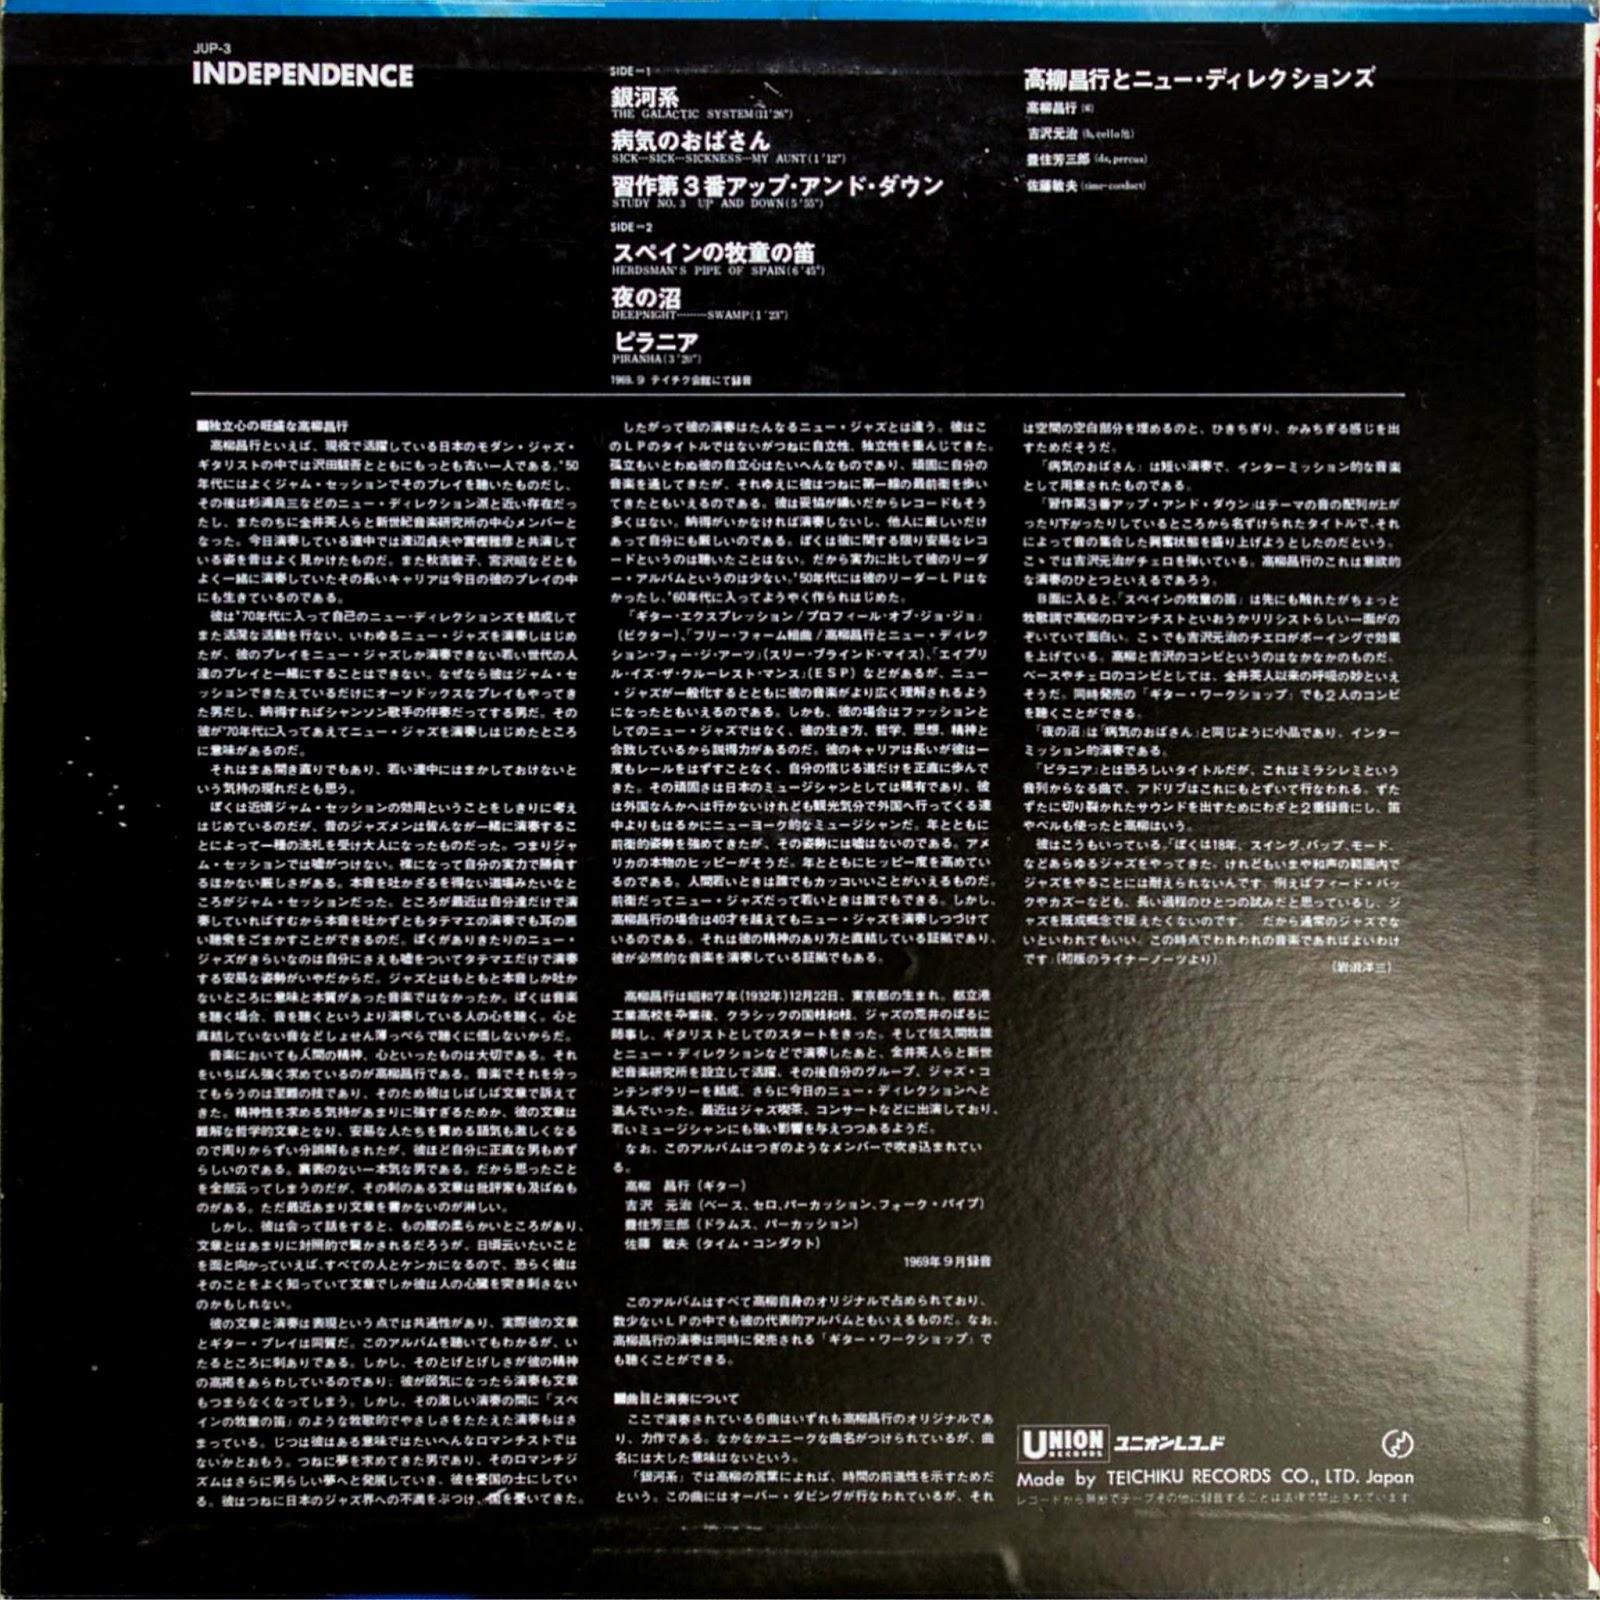 Masayuki Takayanagi - The Smile I Love